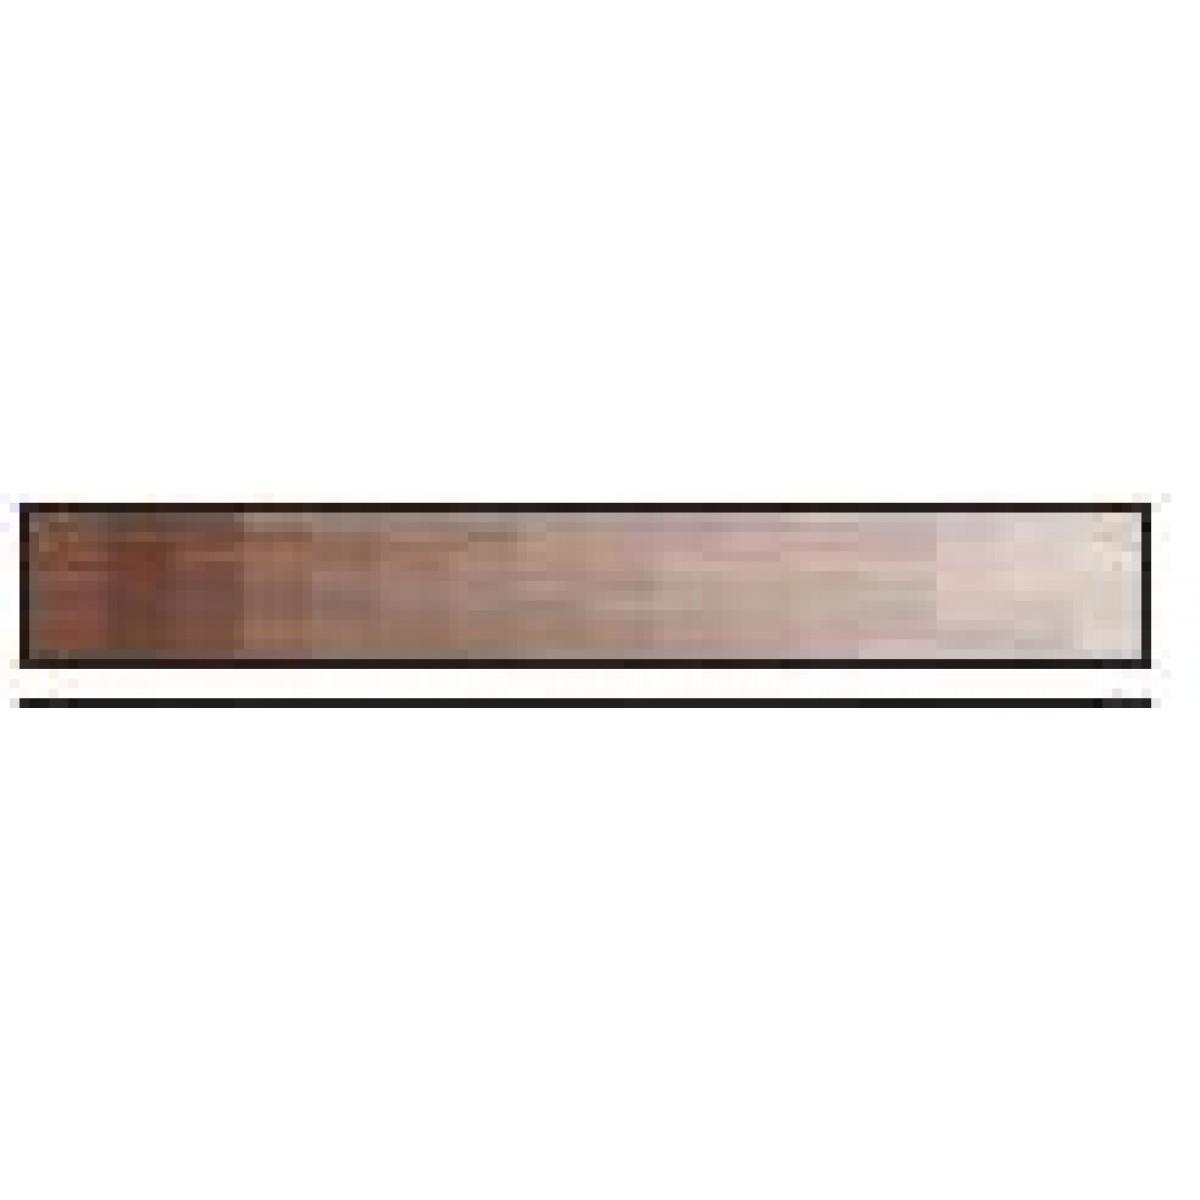 8557 Kunstnerkvalitet soft pastel Burnt umber